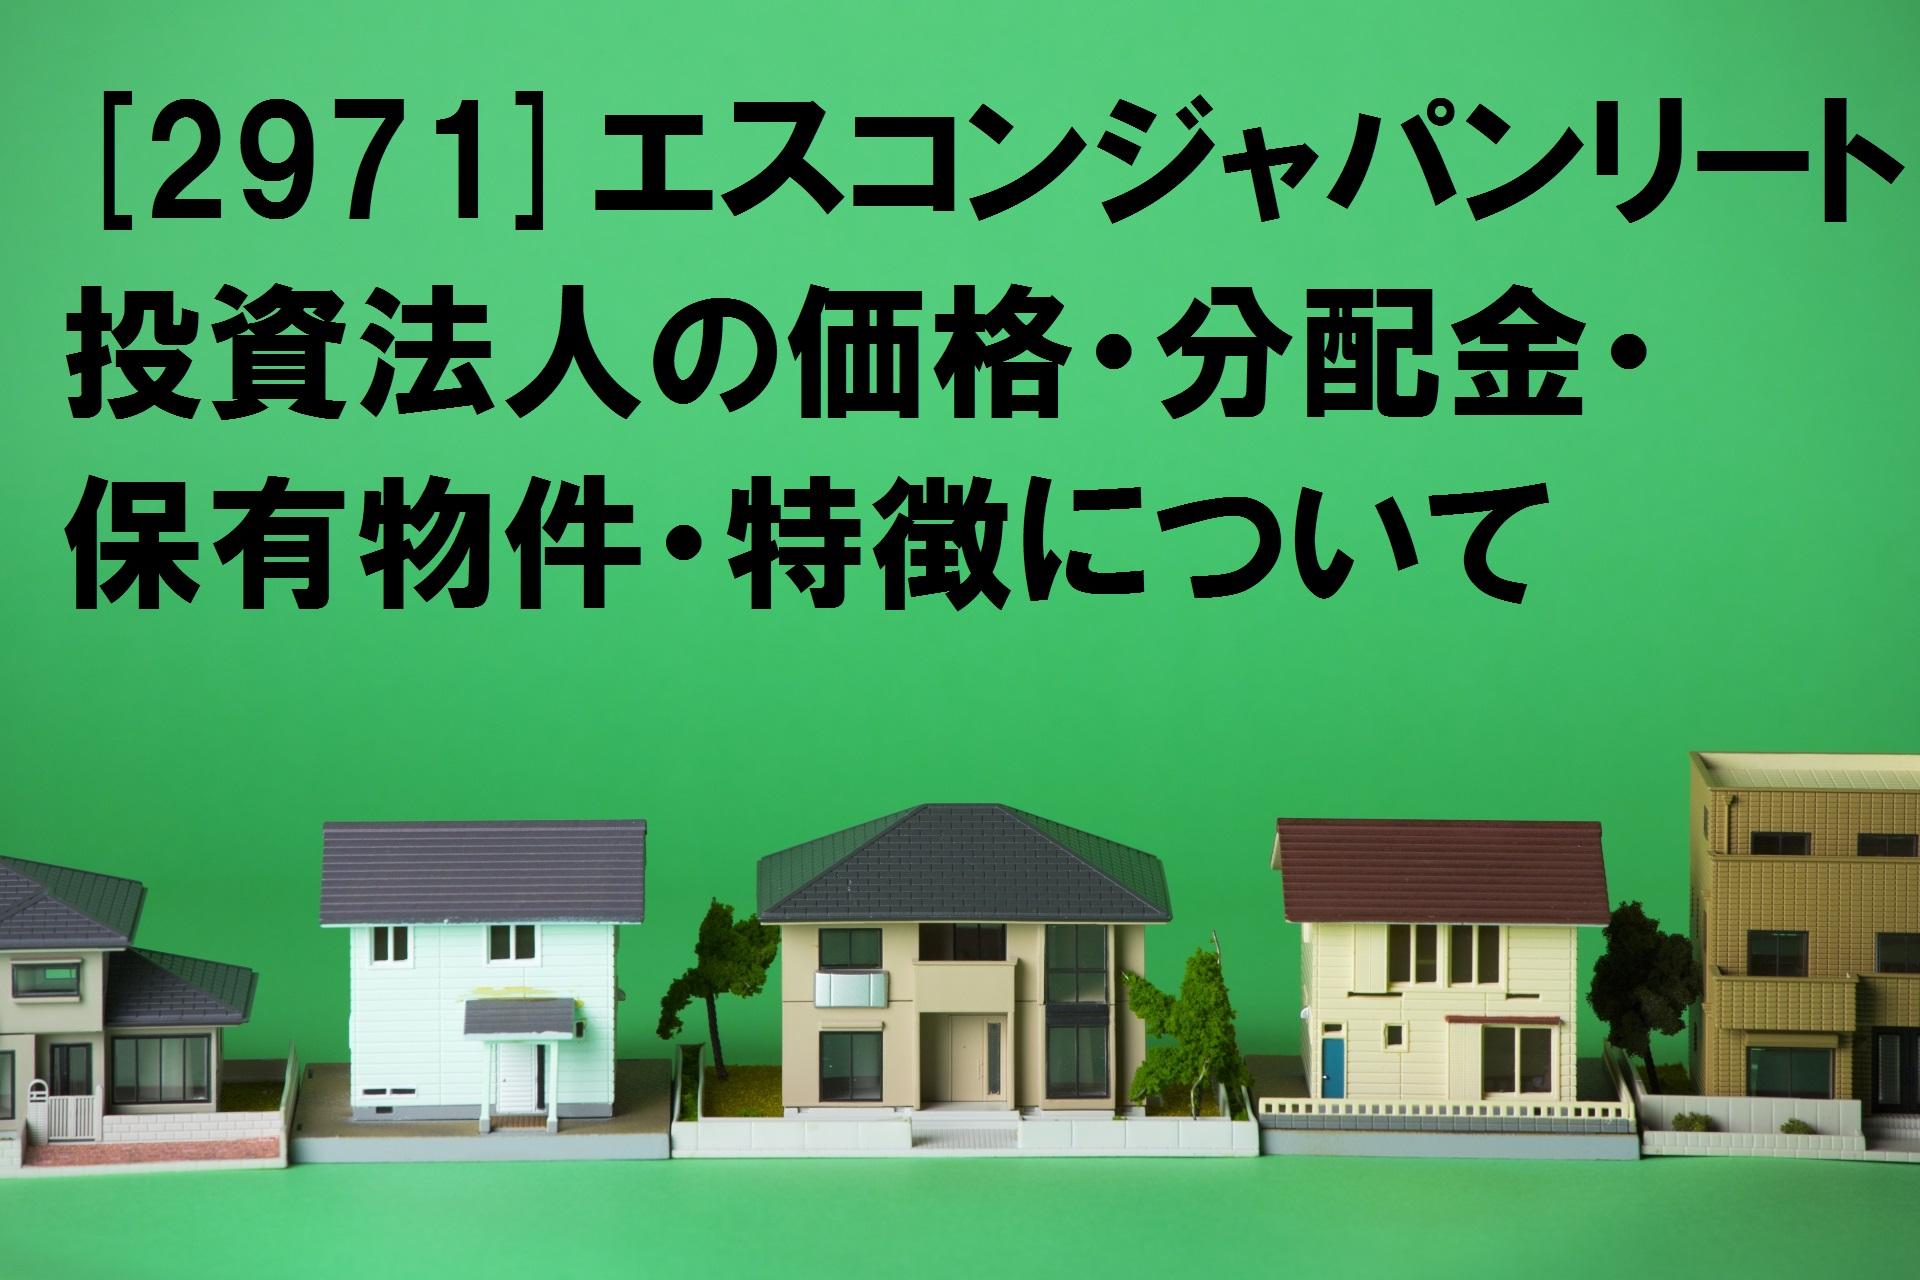 [2971]エスコンジャパンリート投資法人の価格・分配金・保有物件・特徴について